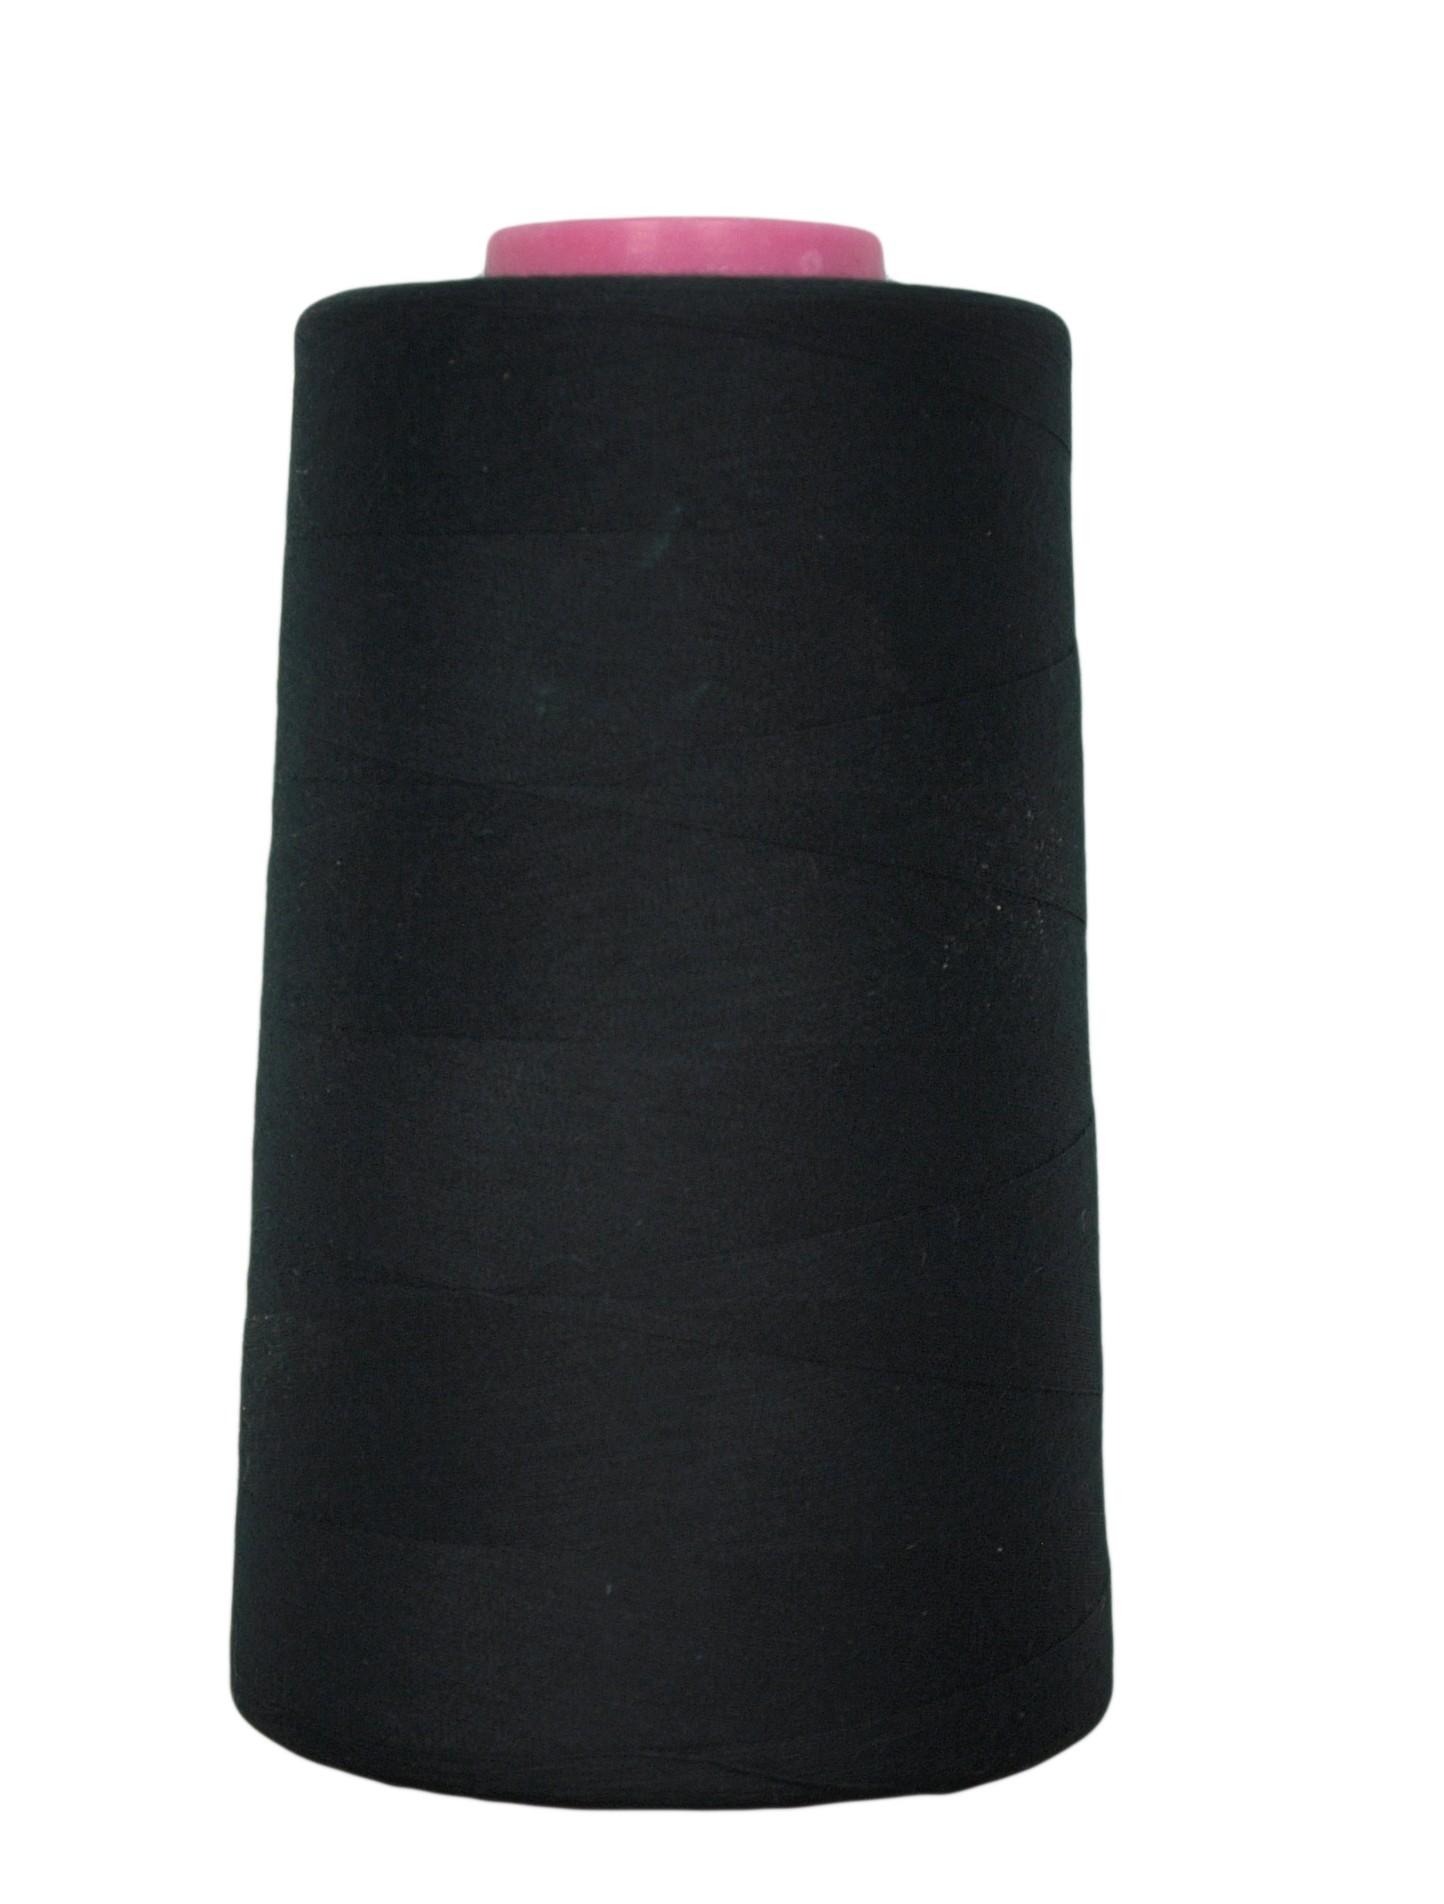 Cone De Fil Coudre Noir 4 573 M 100 Polyester Couture Loisirs